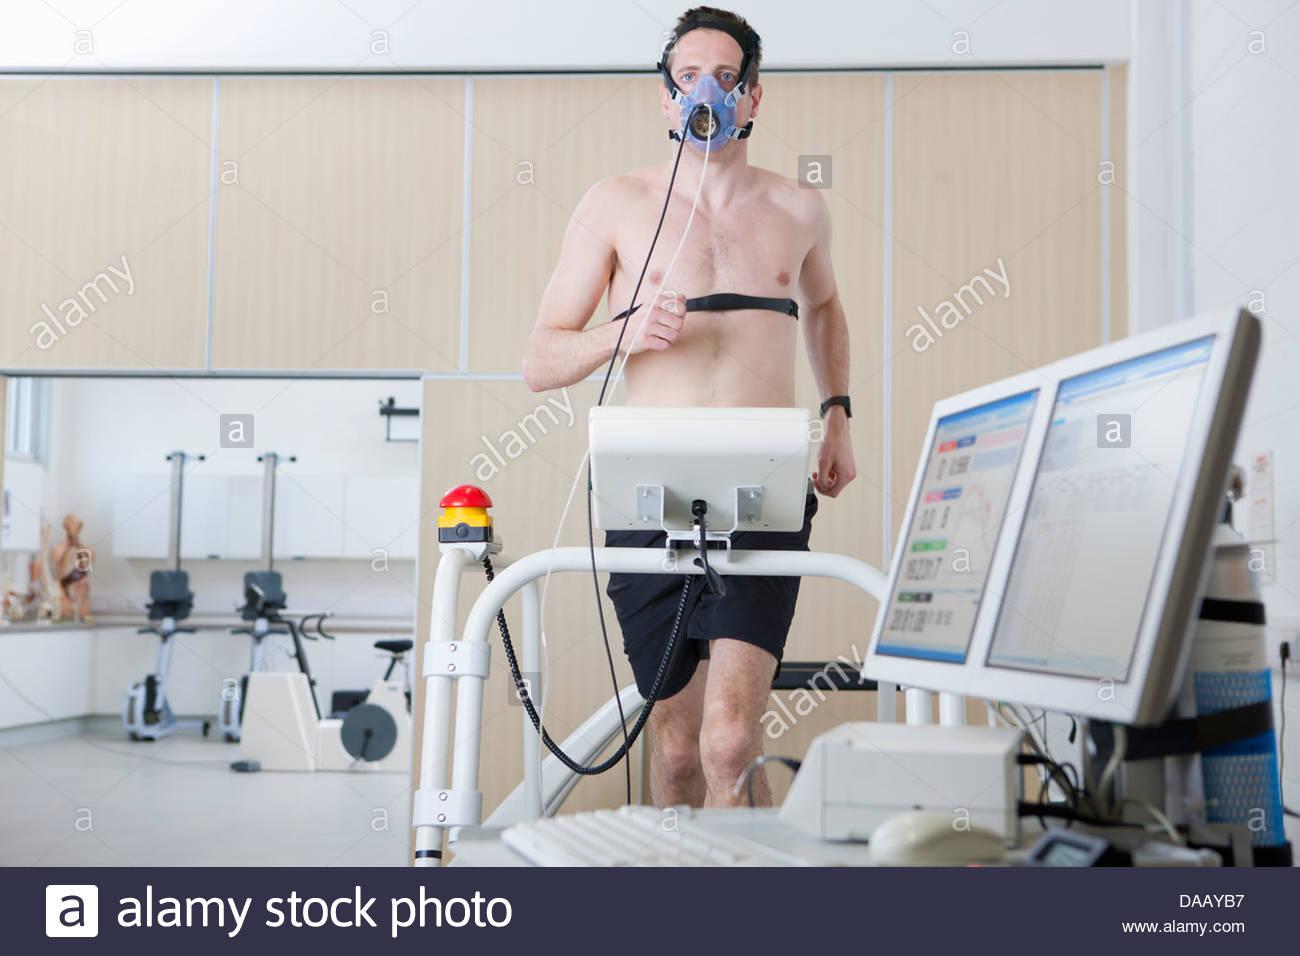 Runner con maschera sul tapis roulant in Sports Science Laboratory Immagini Stock